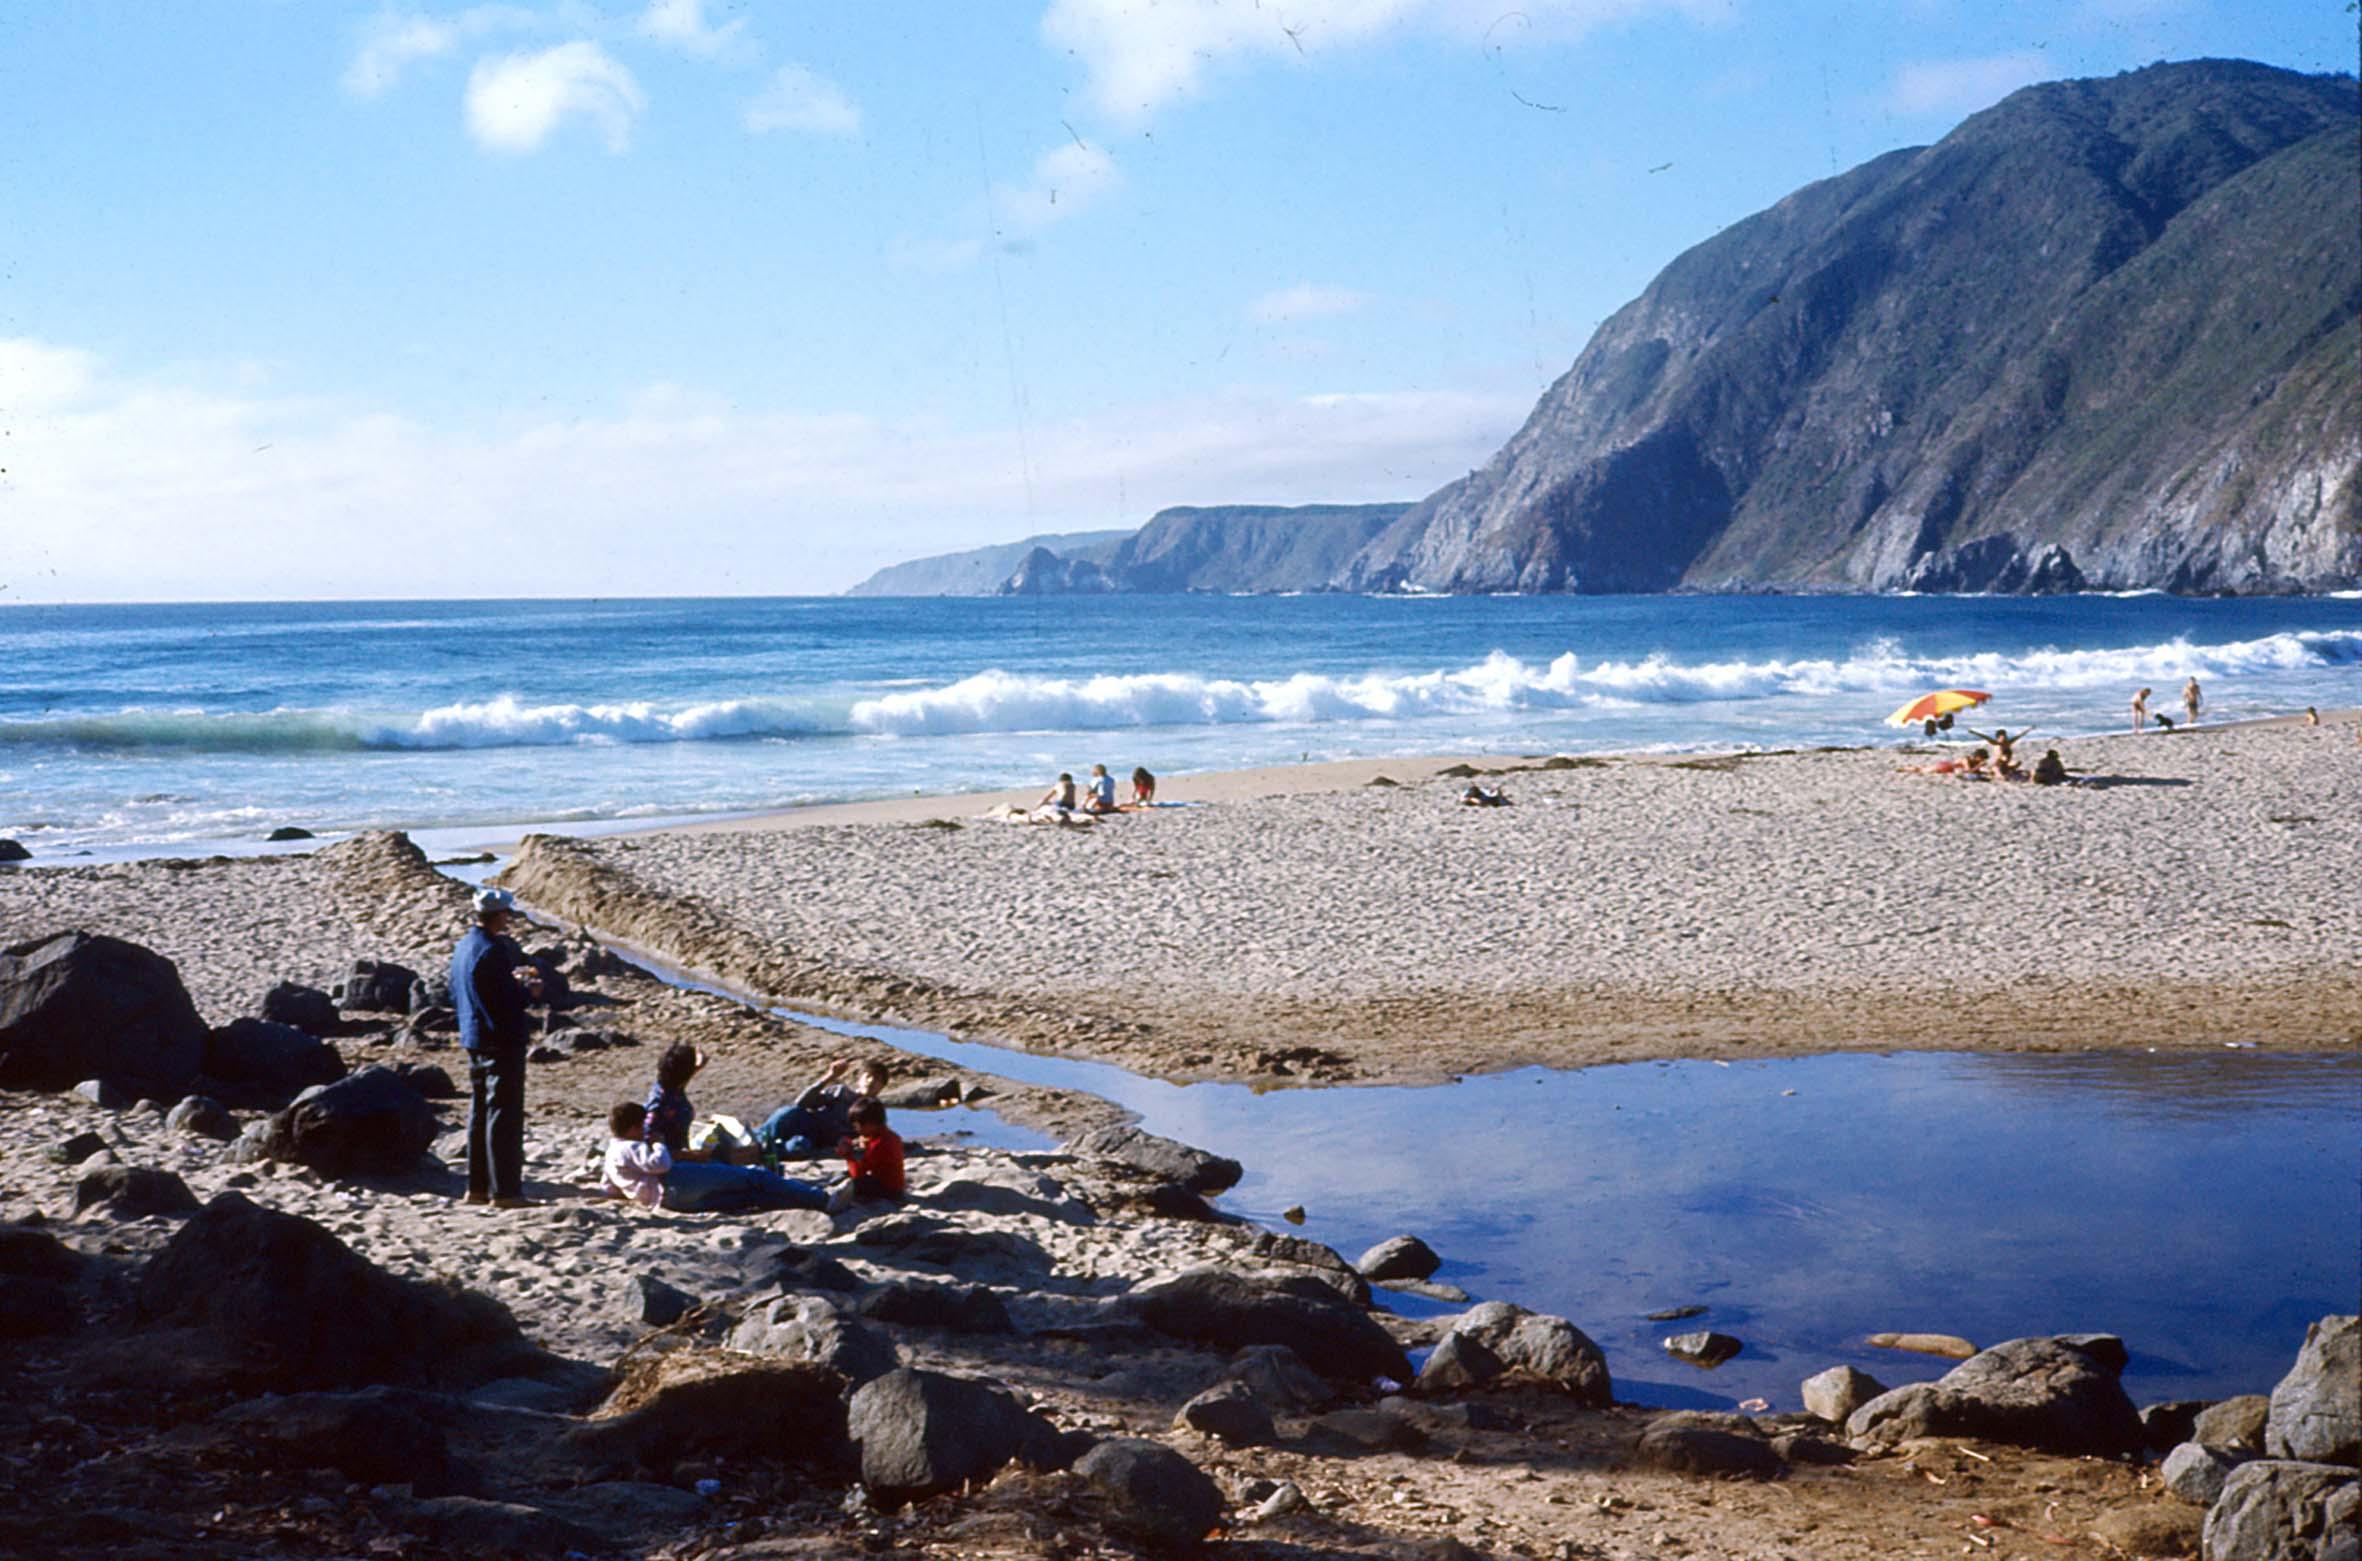 Enterreno - Fotos históricas de chile - fotos antiguas de Chile - Playa grande de Quintay en 1978